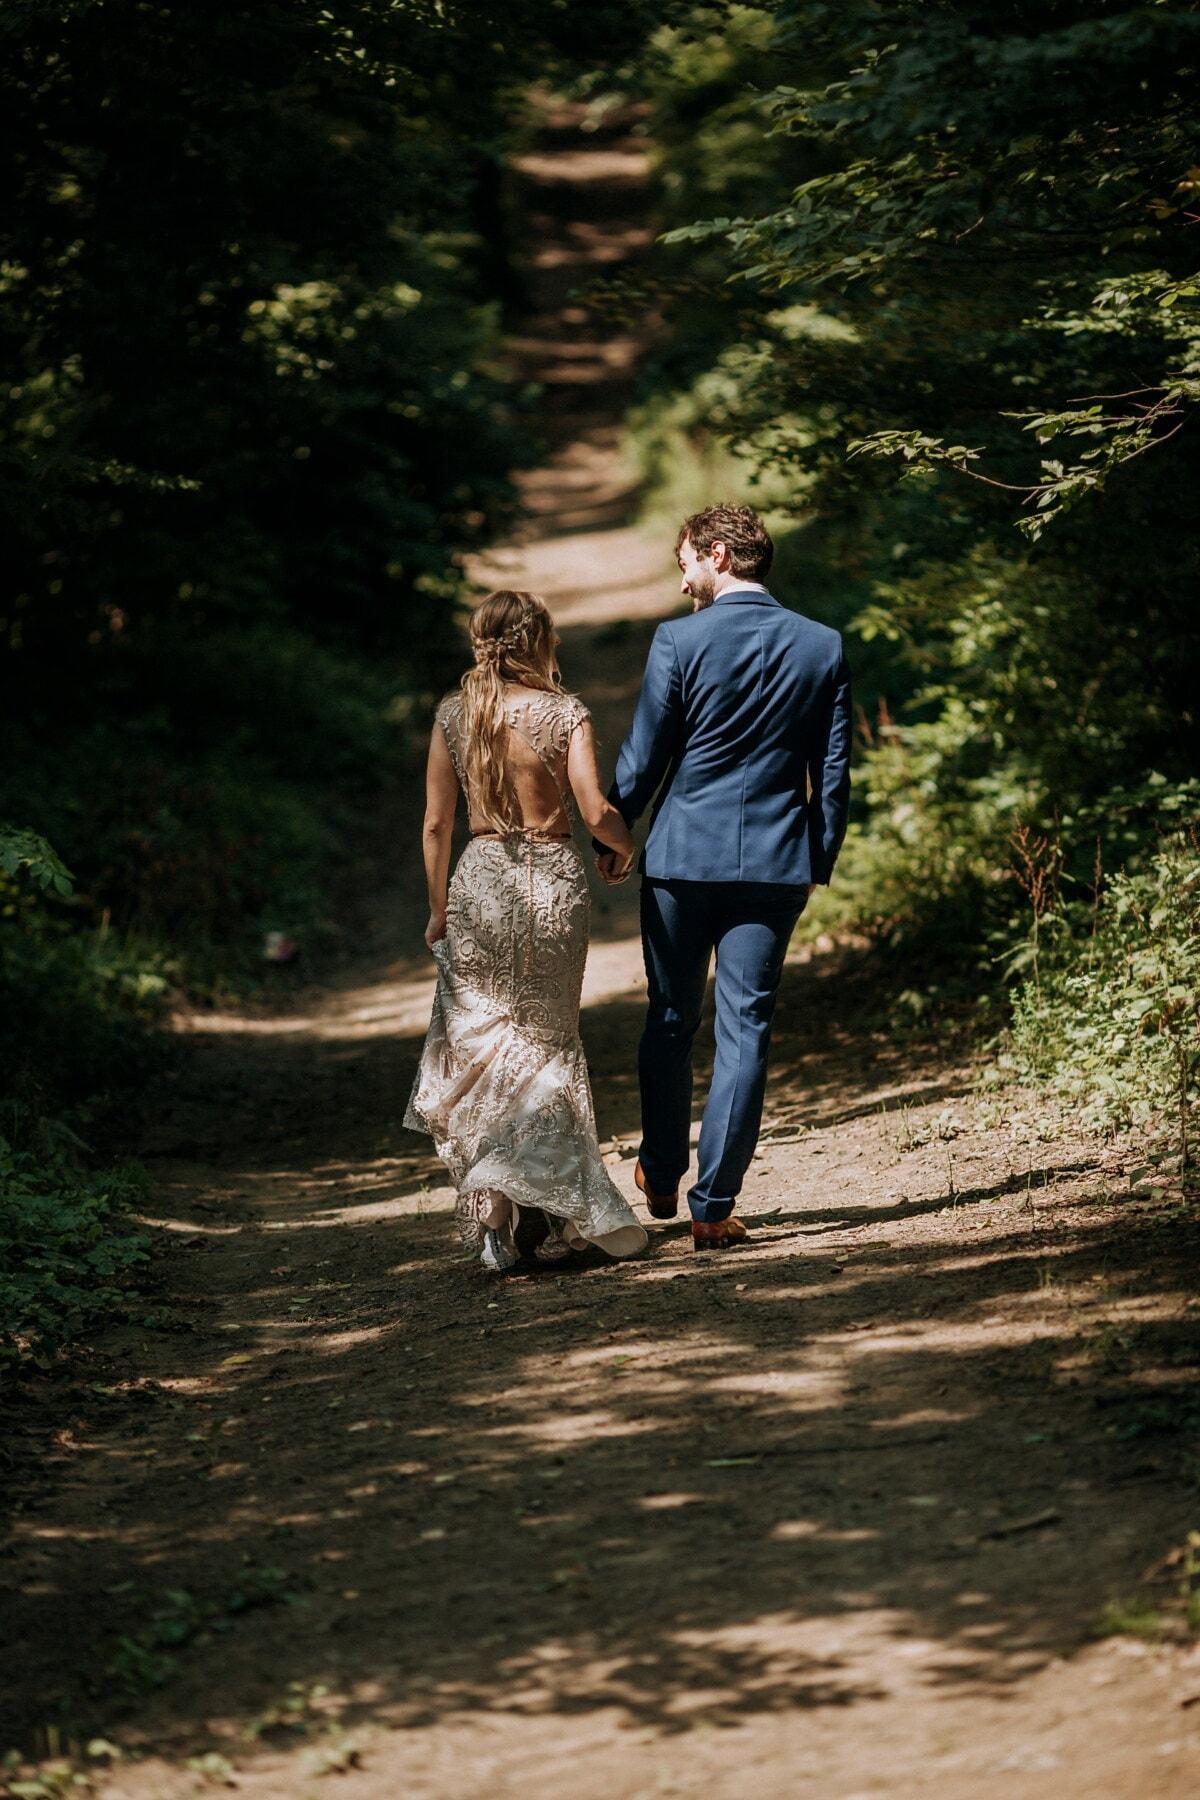 convivialité, date d'amour, petite amie, chemin forestier, marche, petit ami, descente, une randonnée, jeune fille, couple